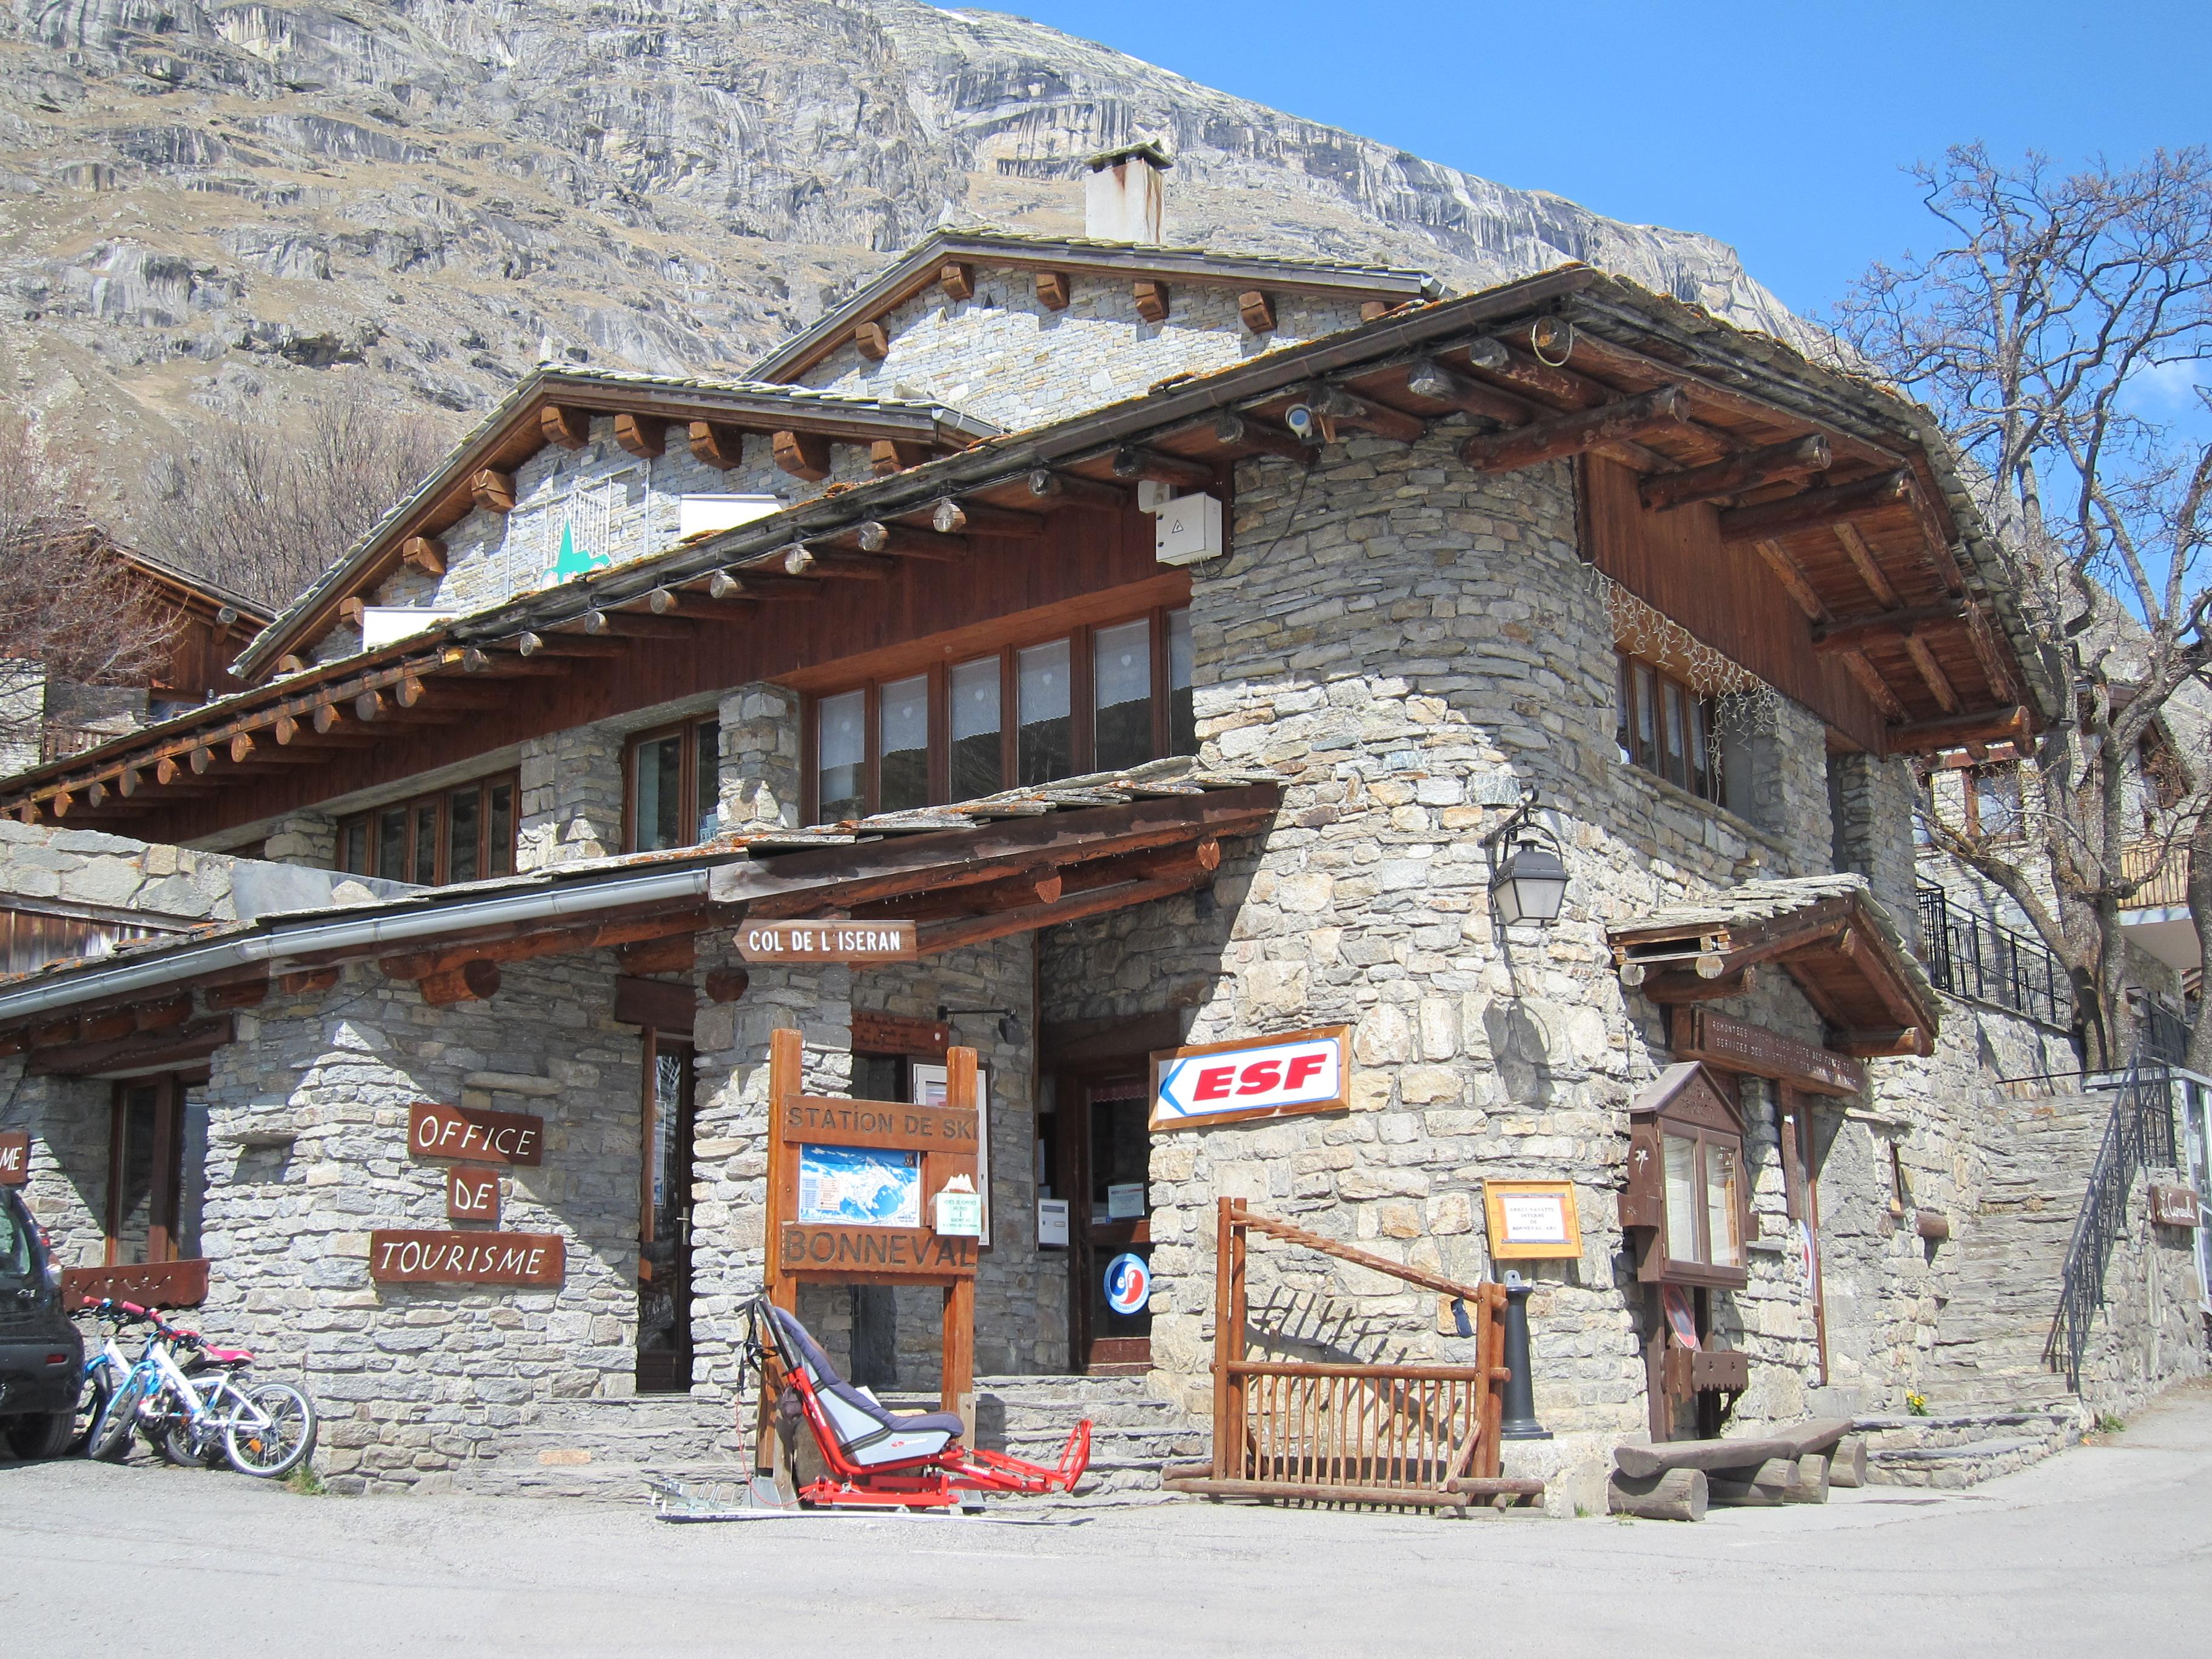 Office de tourisme de bonneval sur arc savoie mont blanc savoie et haute savoie alpes - Office de tourisme de bonneval sur arc ...